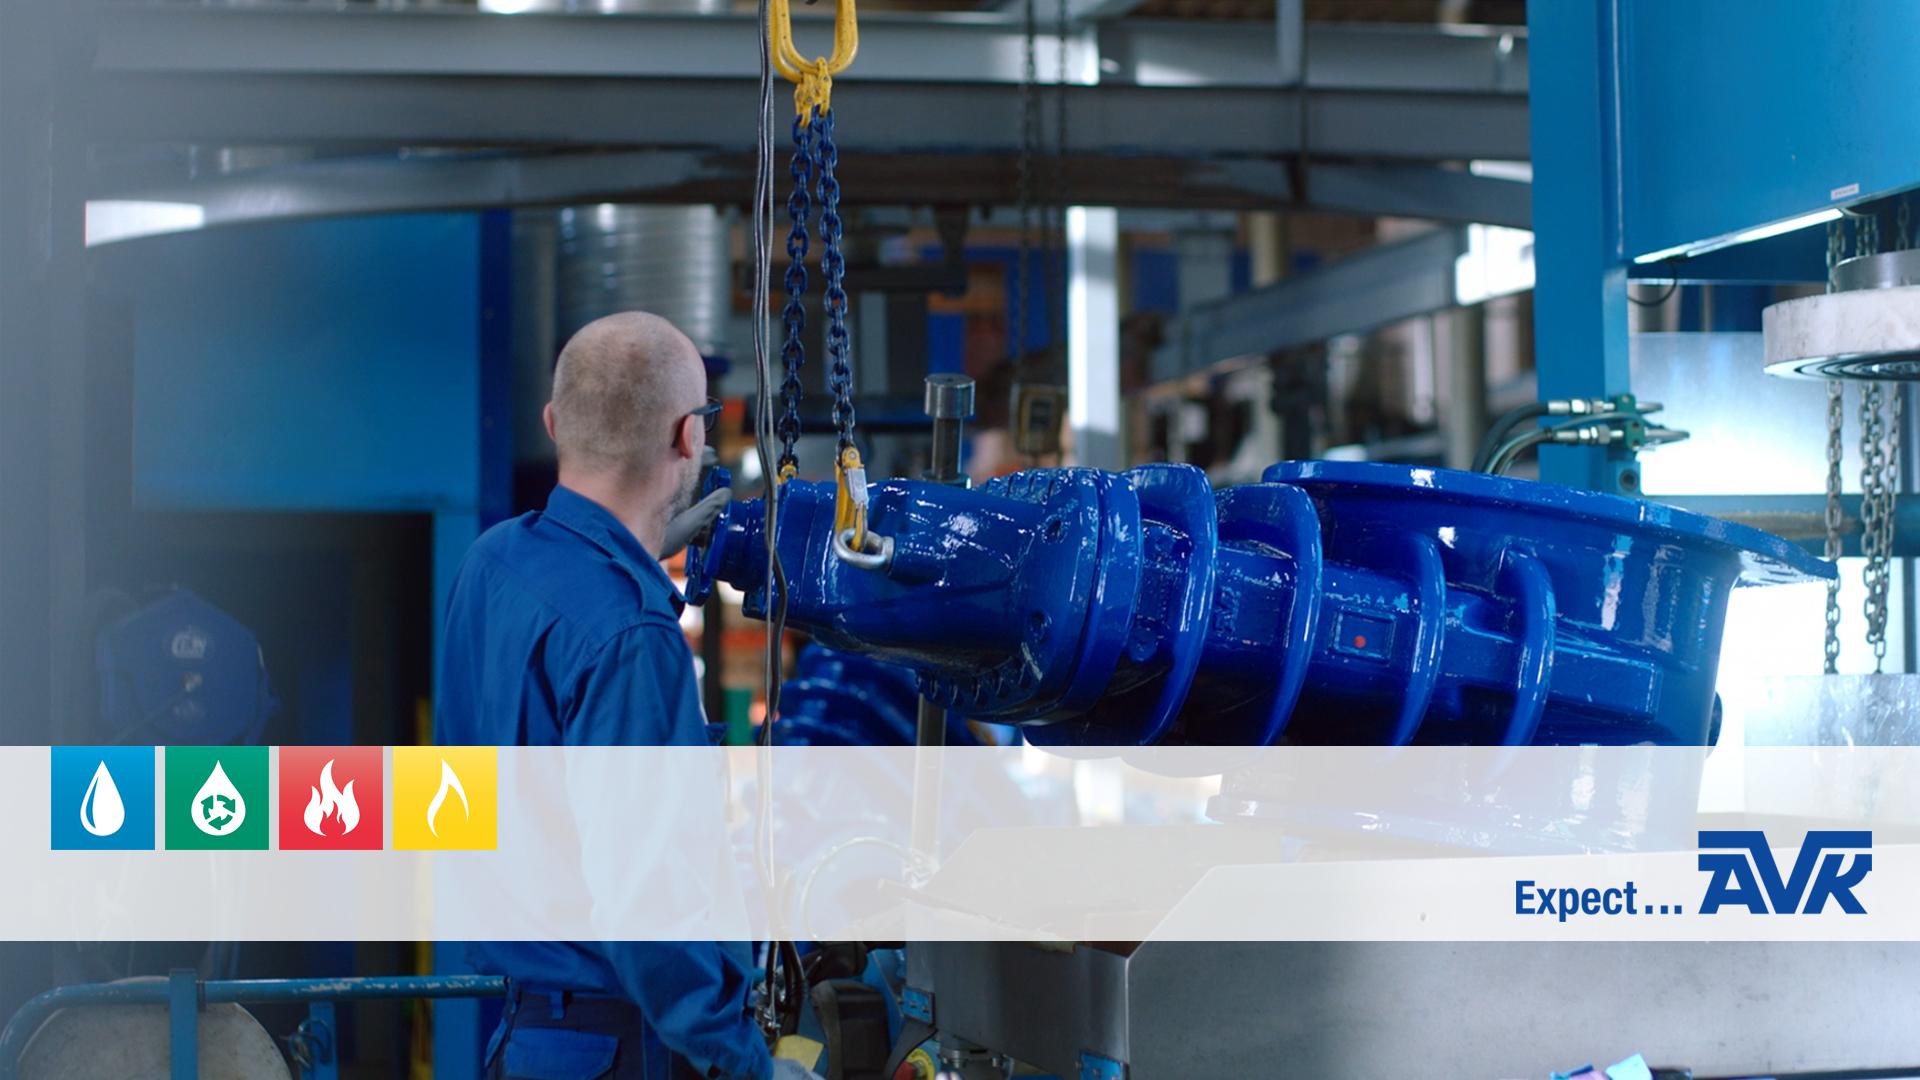 Fabrikstur på AVK International